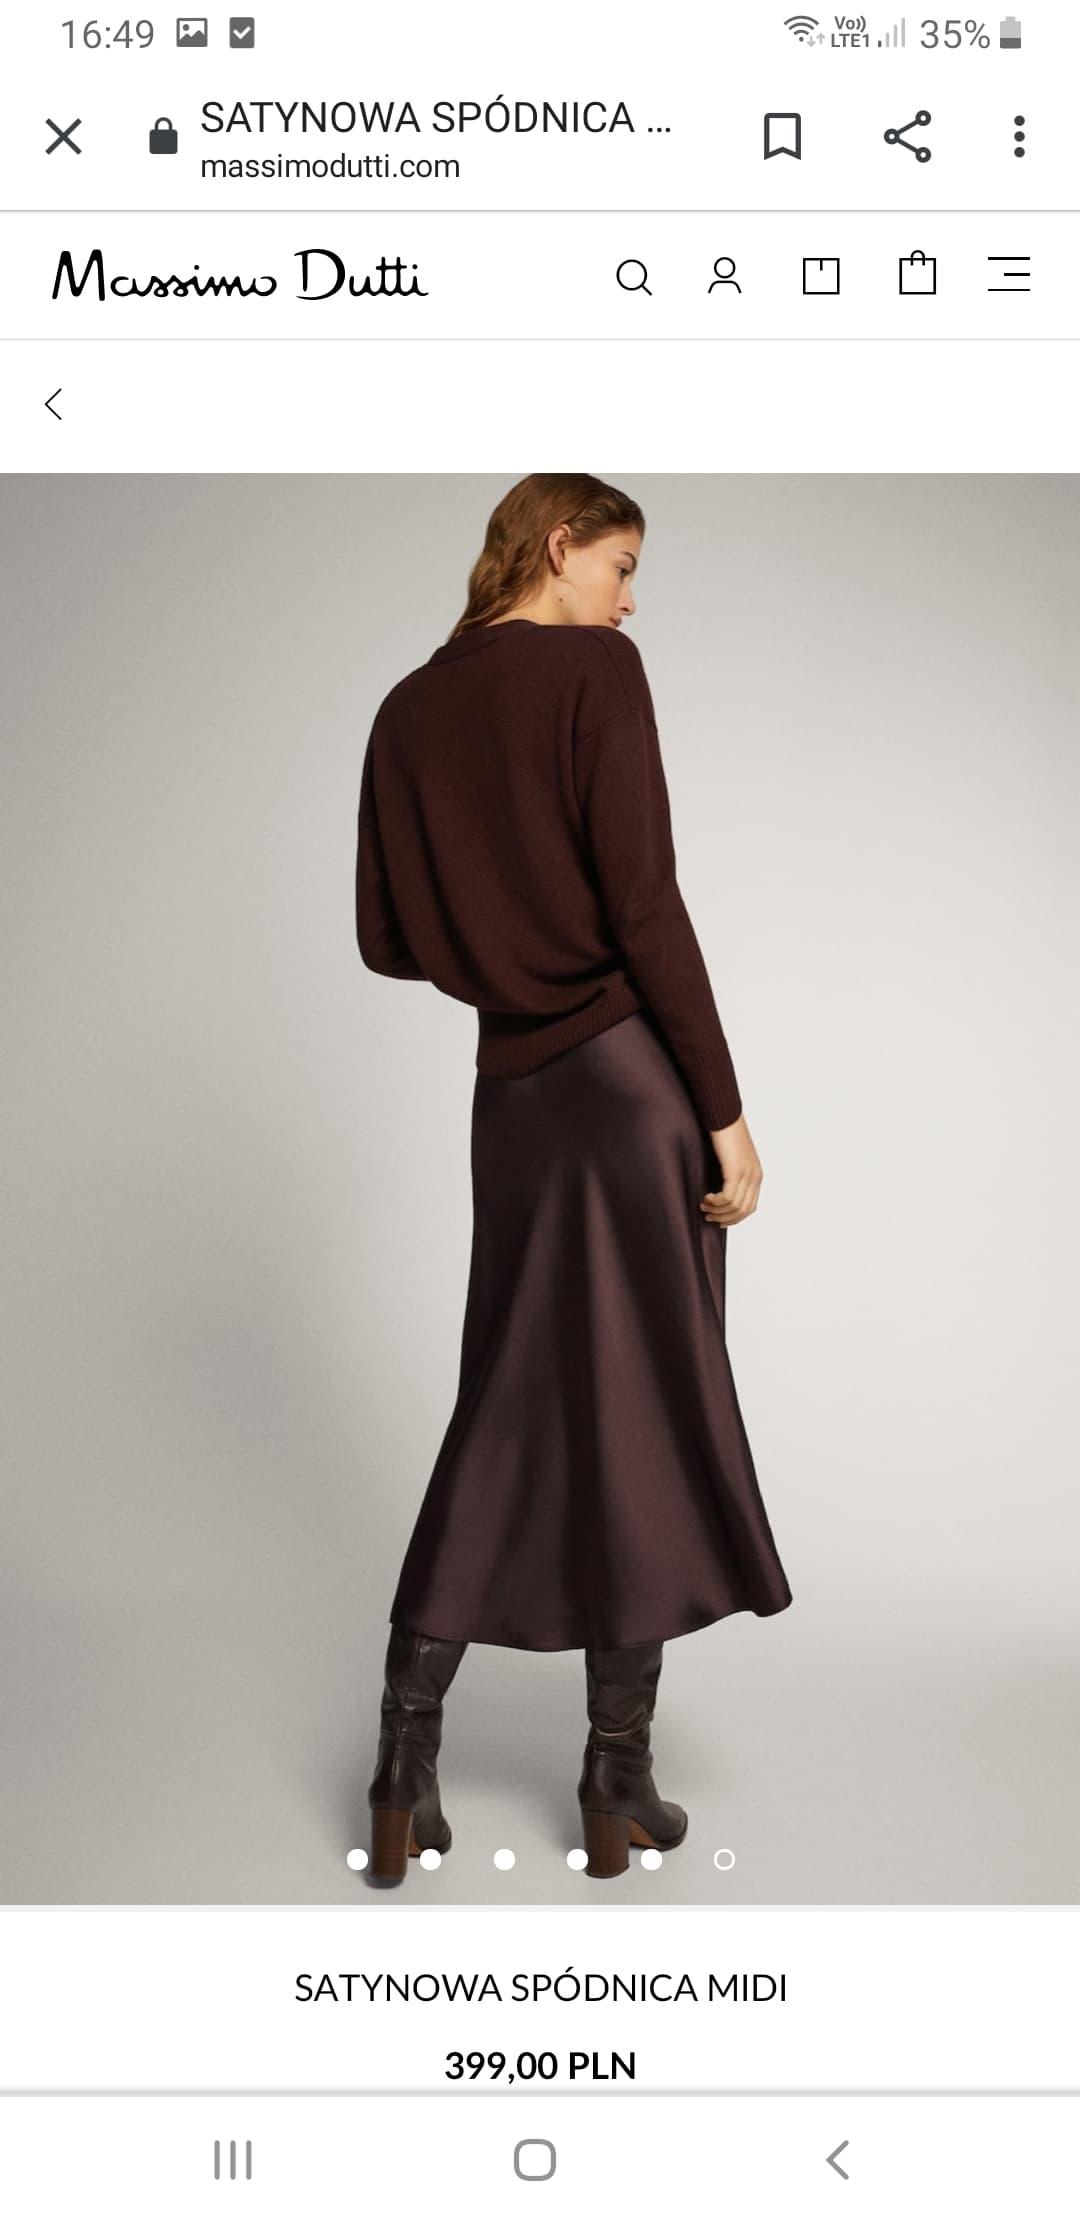 Spódnica Massimo Dutti wybrana przez Meghan Markle